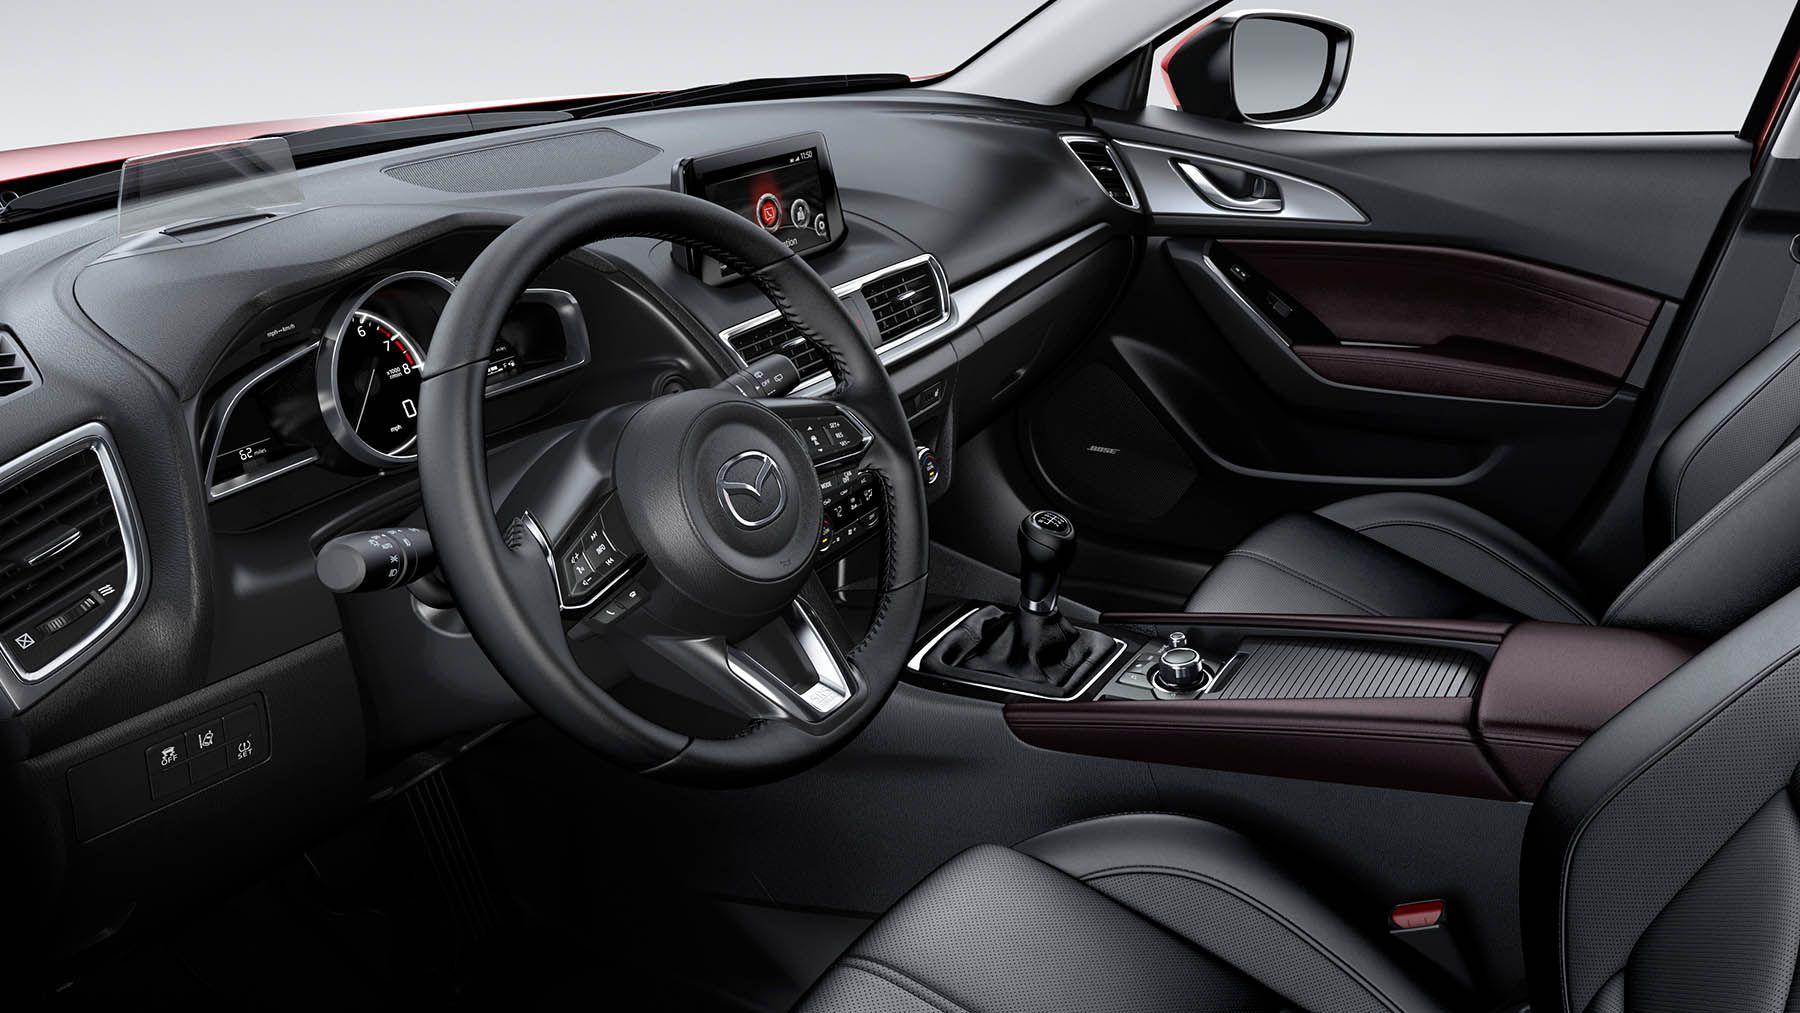 Galería del Vehículo Mazda 3 Sedán Modelo 2017 Mazda